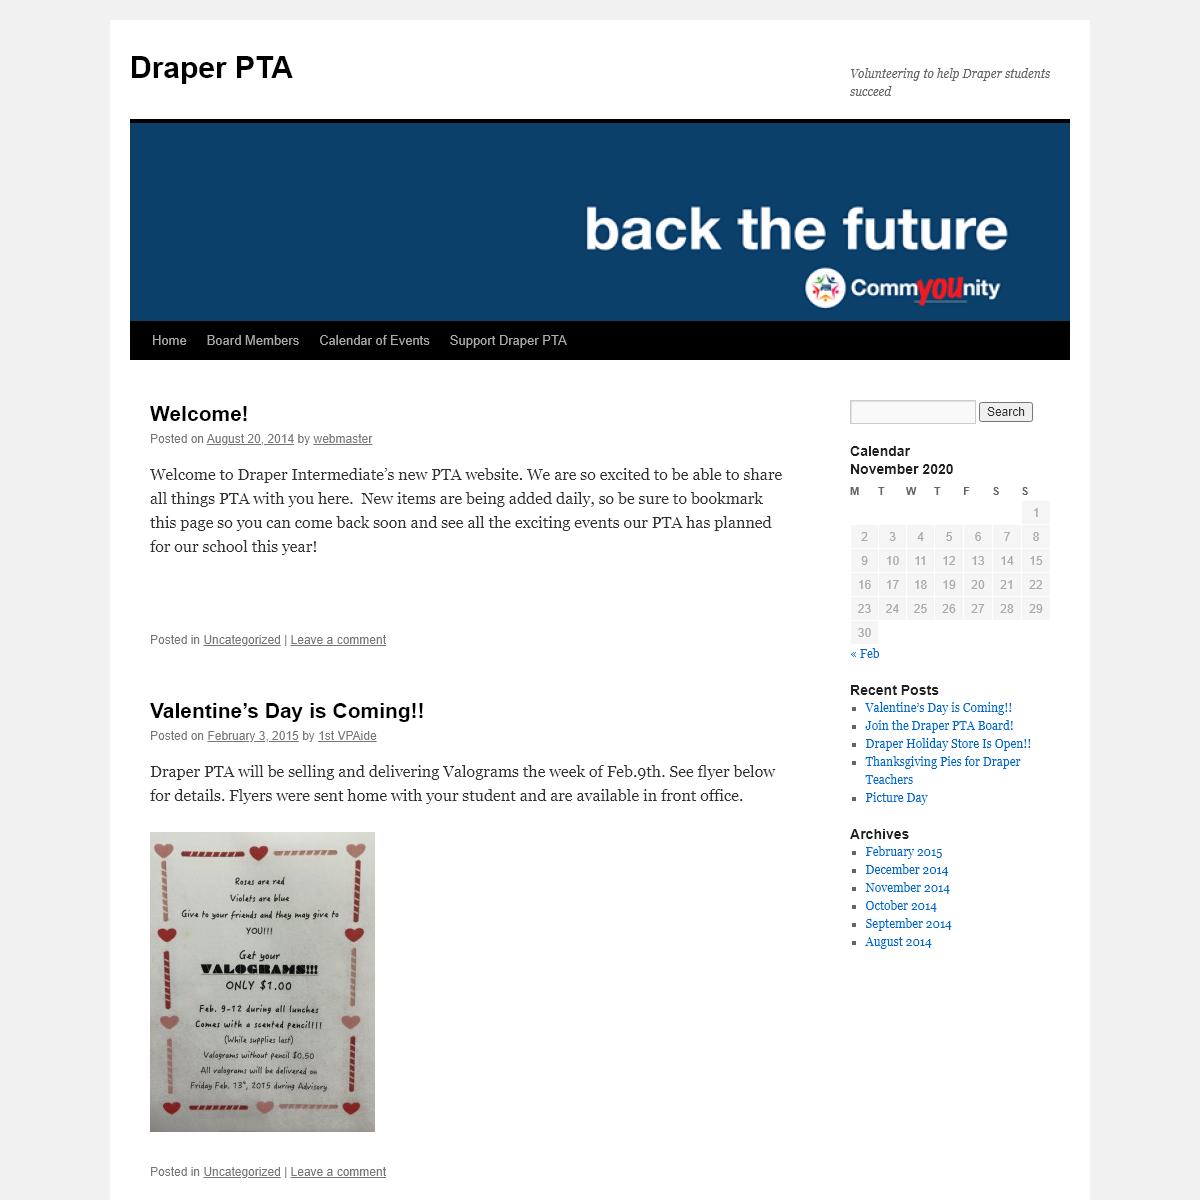 Draper PTA - Volunteering to help Draper students succeed